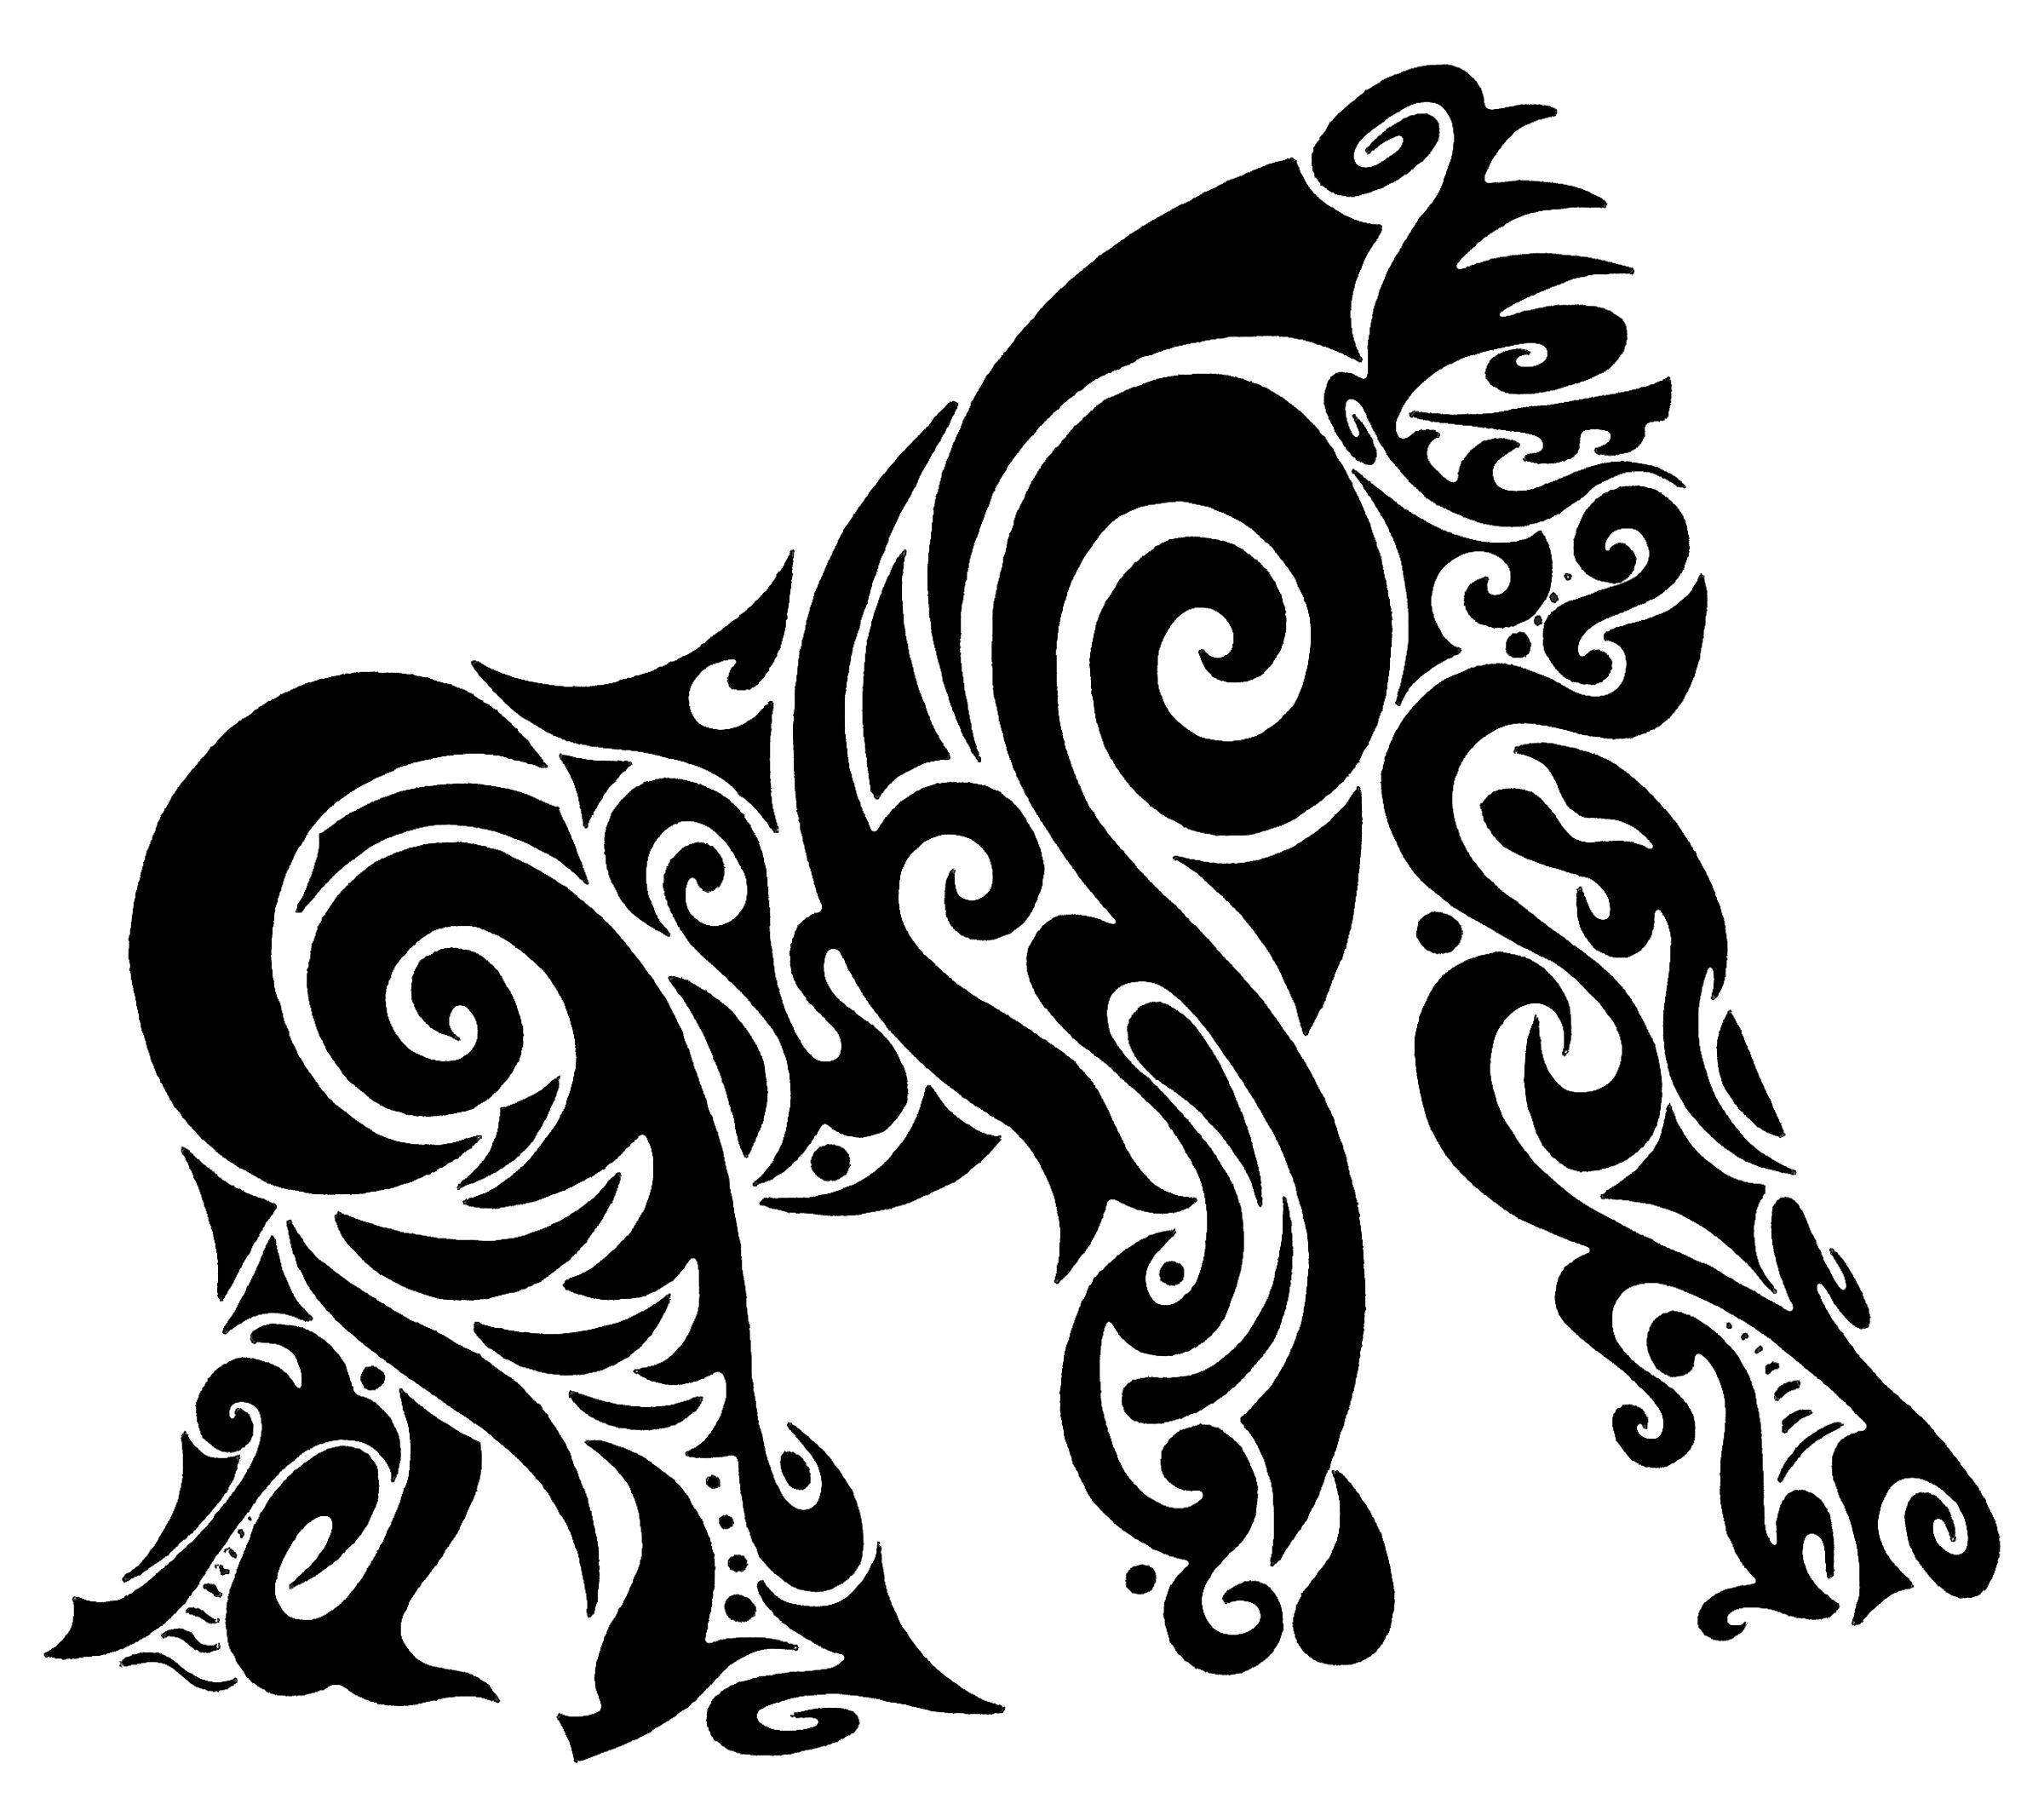 Pin By Renzo Cilveti Longo On Tatuajes In 2020 Gorilla Tattoo Tribal Tattoos Tribal Animal Tattoos